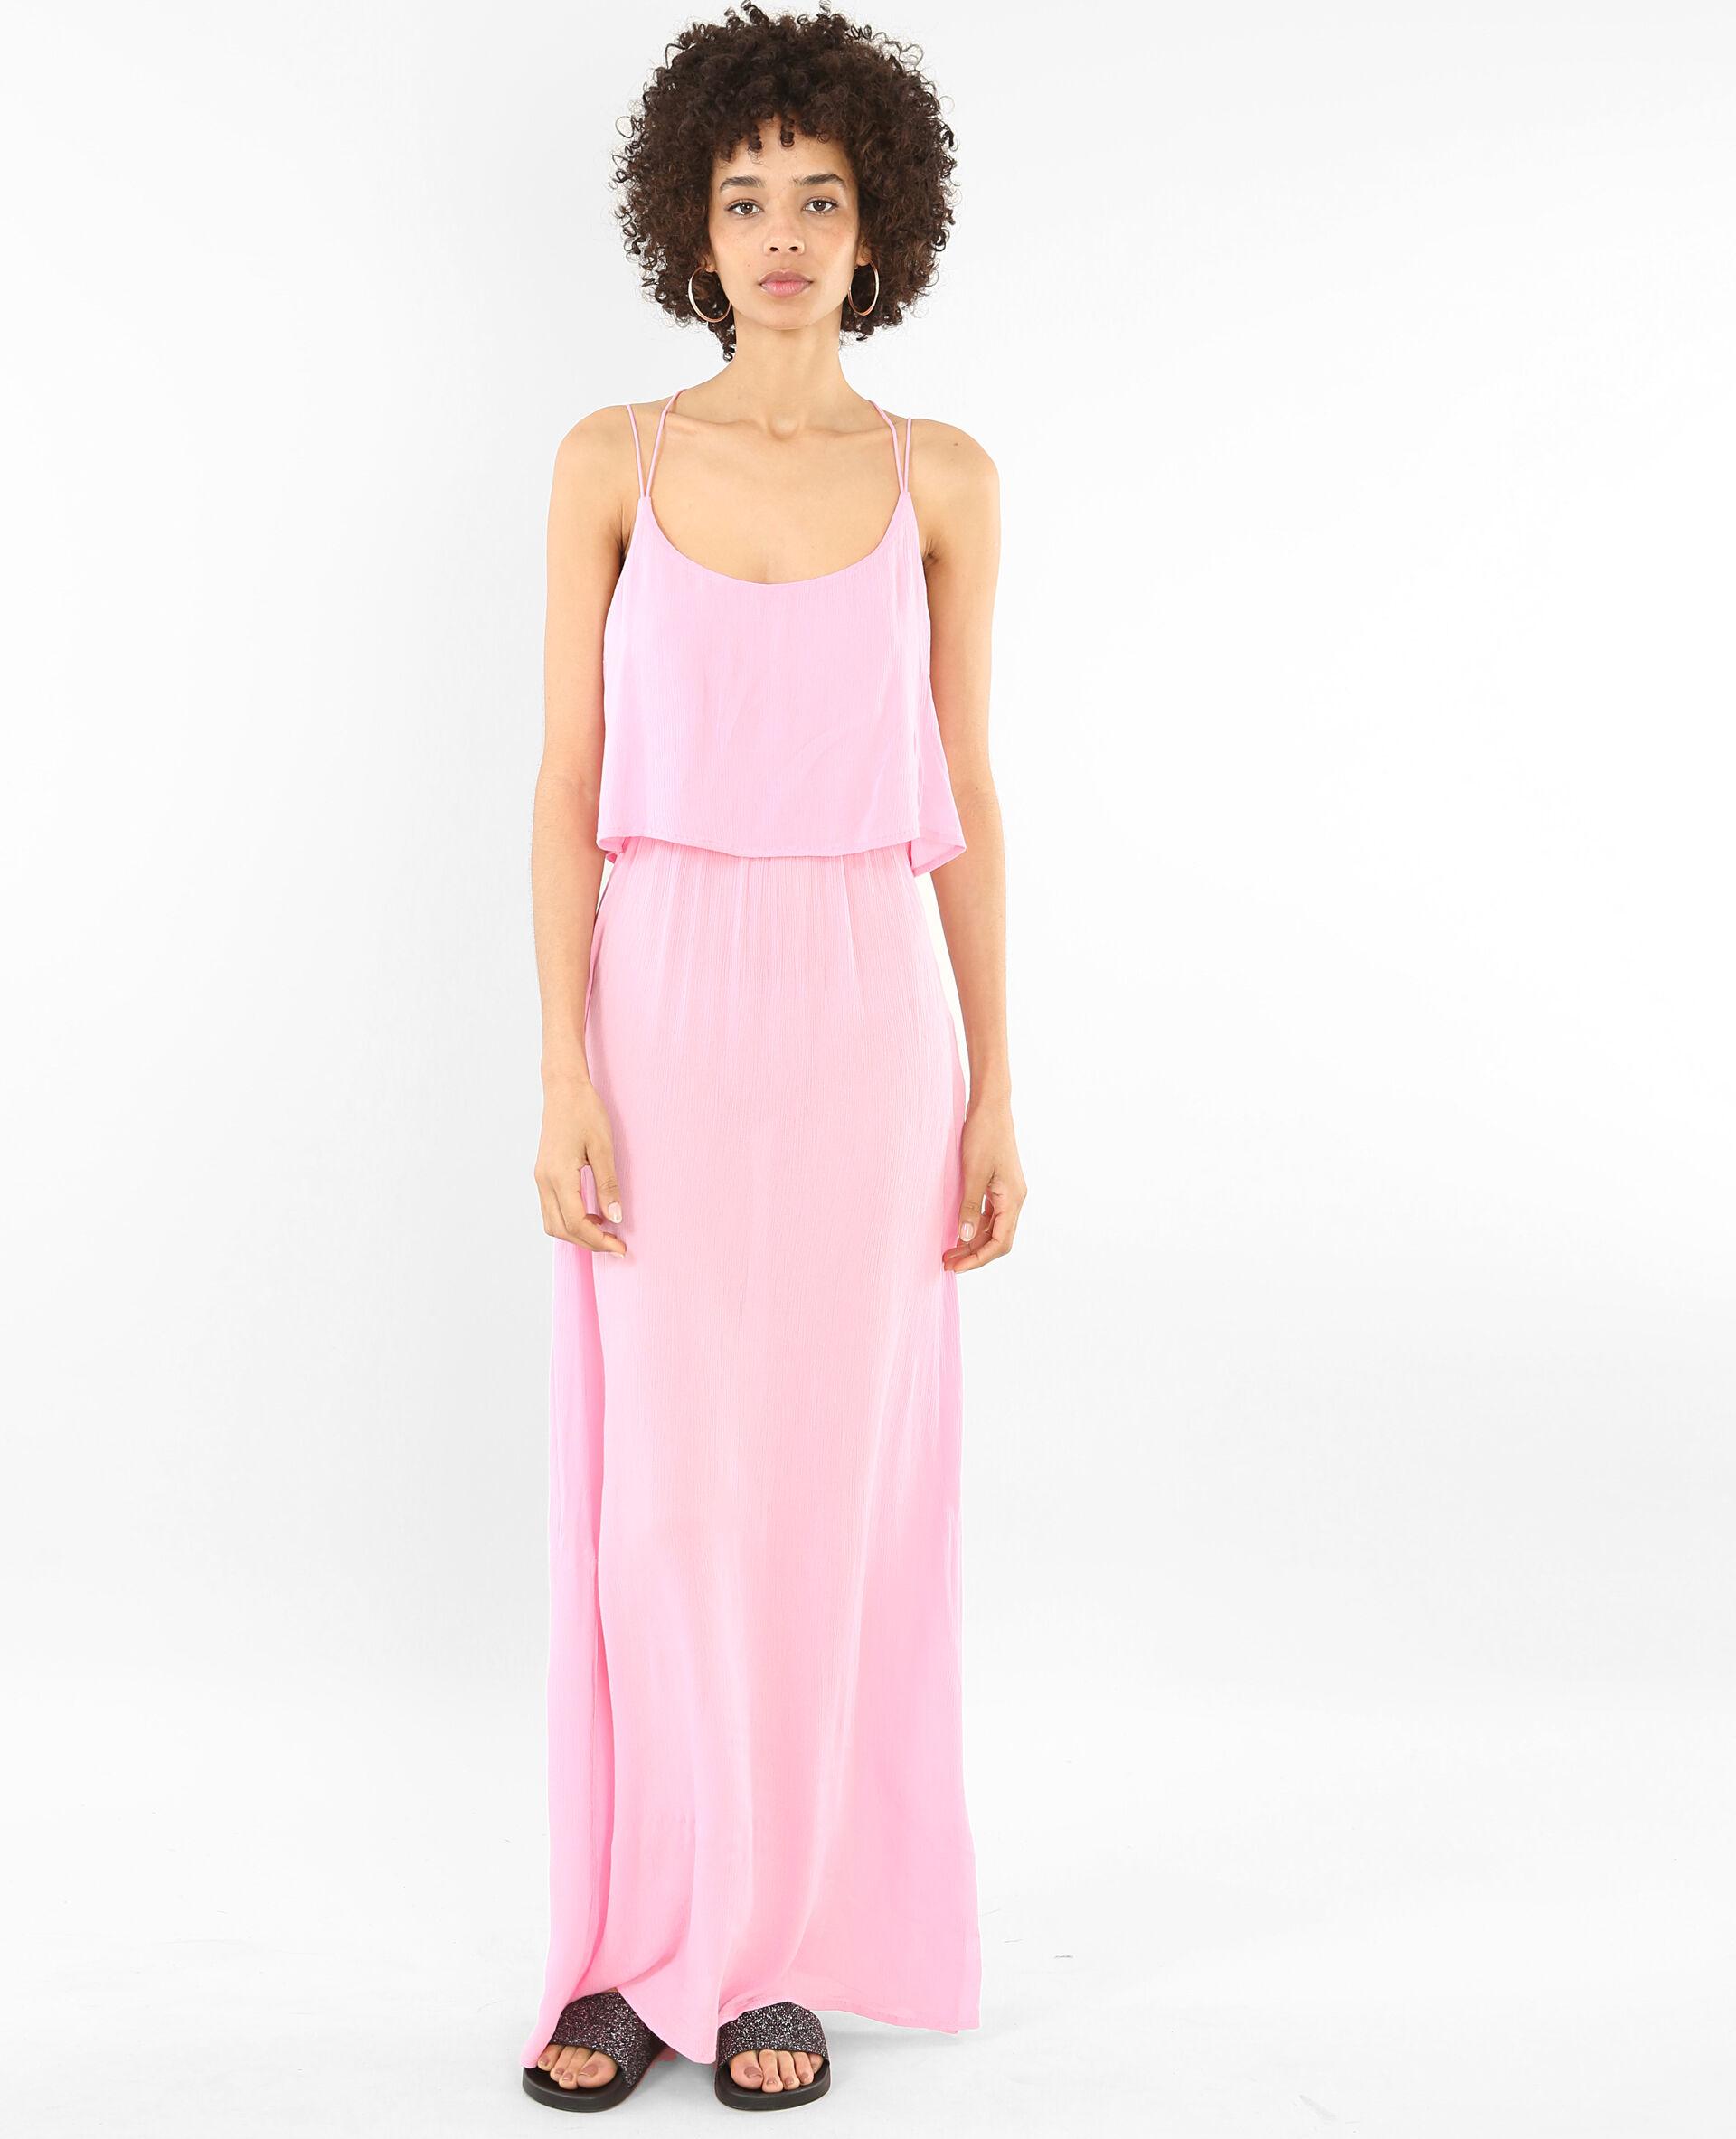 Kleid rosa welche schuhe